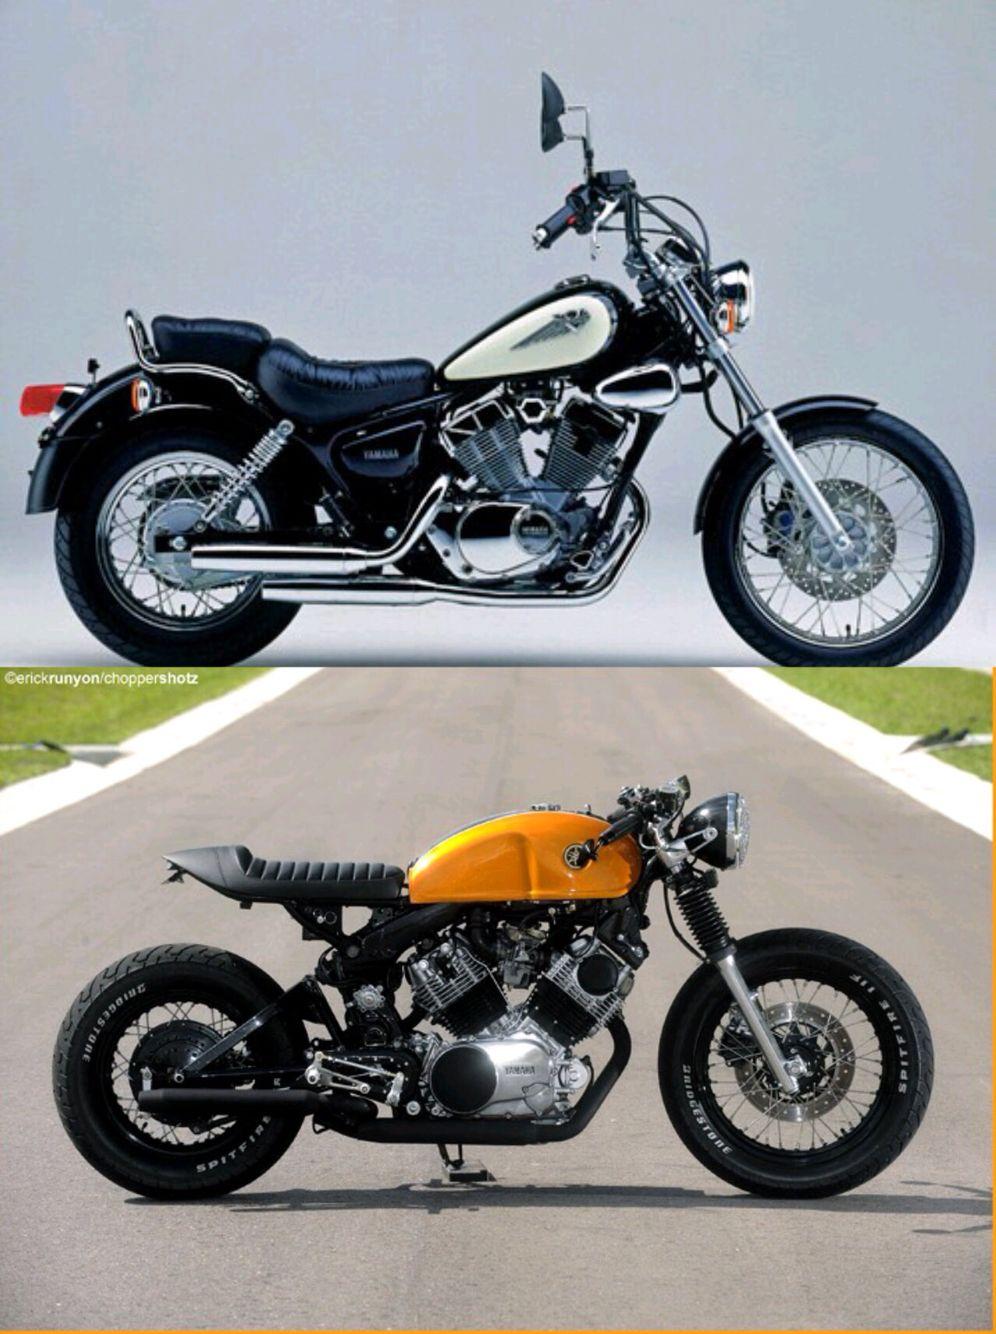 virago yamaha 125 cc caf racer caf racer pinterest moto avant apr s et roue. Black Bedroom Furniture Sets. Home Design Ideas